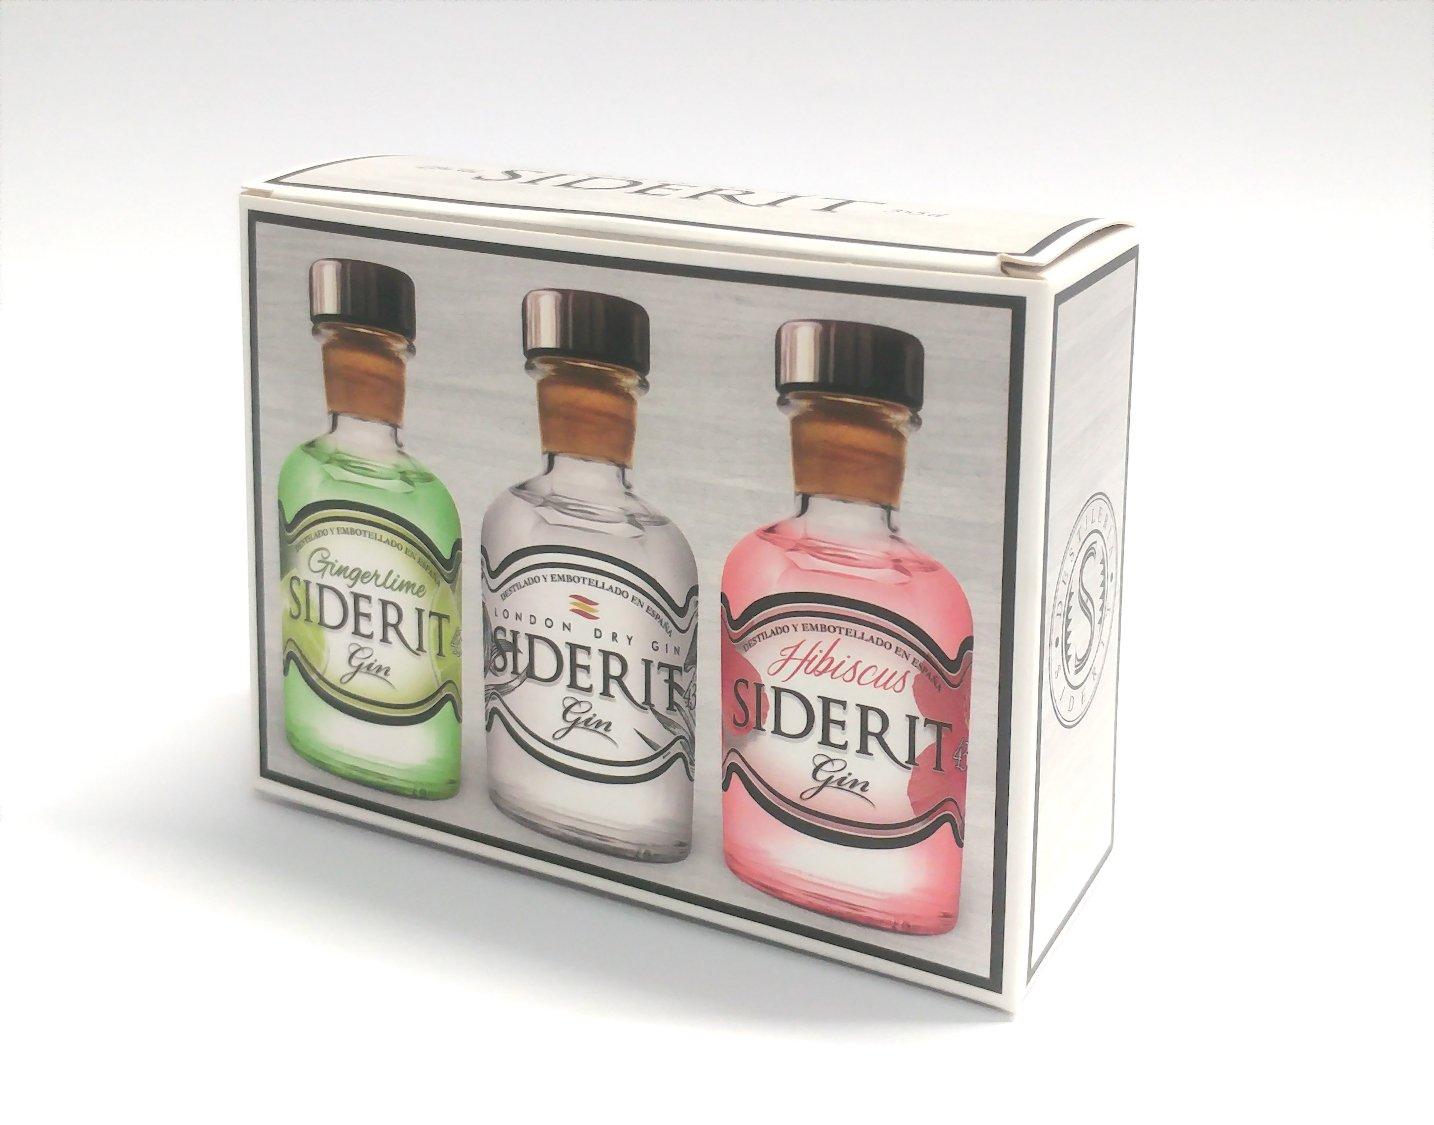 Estuche Mix 3 gin variadas 5cl Siderit: Amazon.es ...